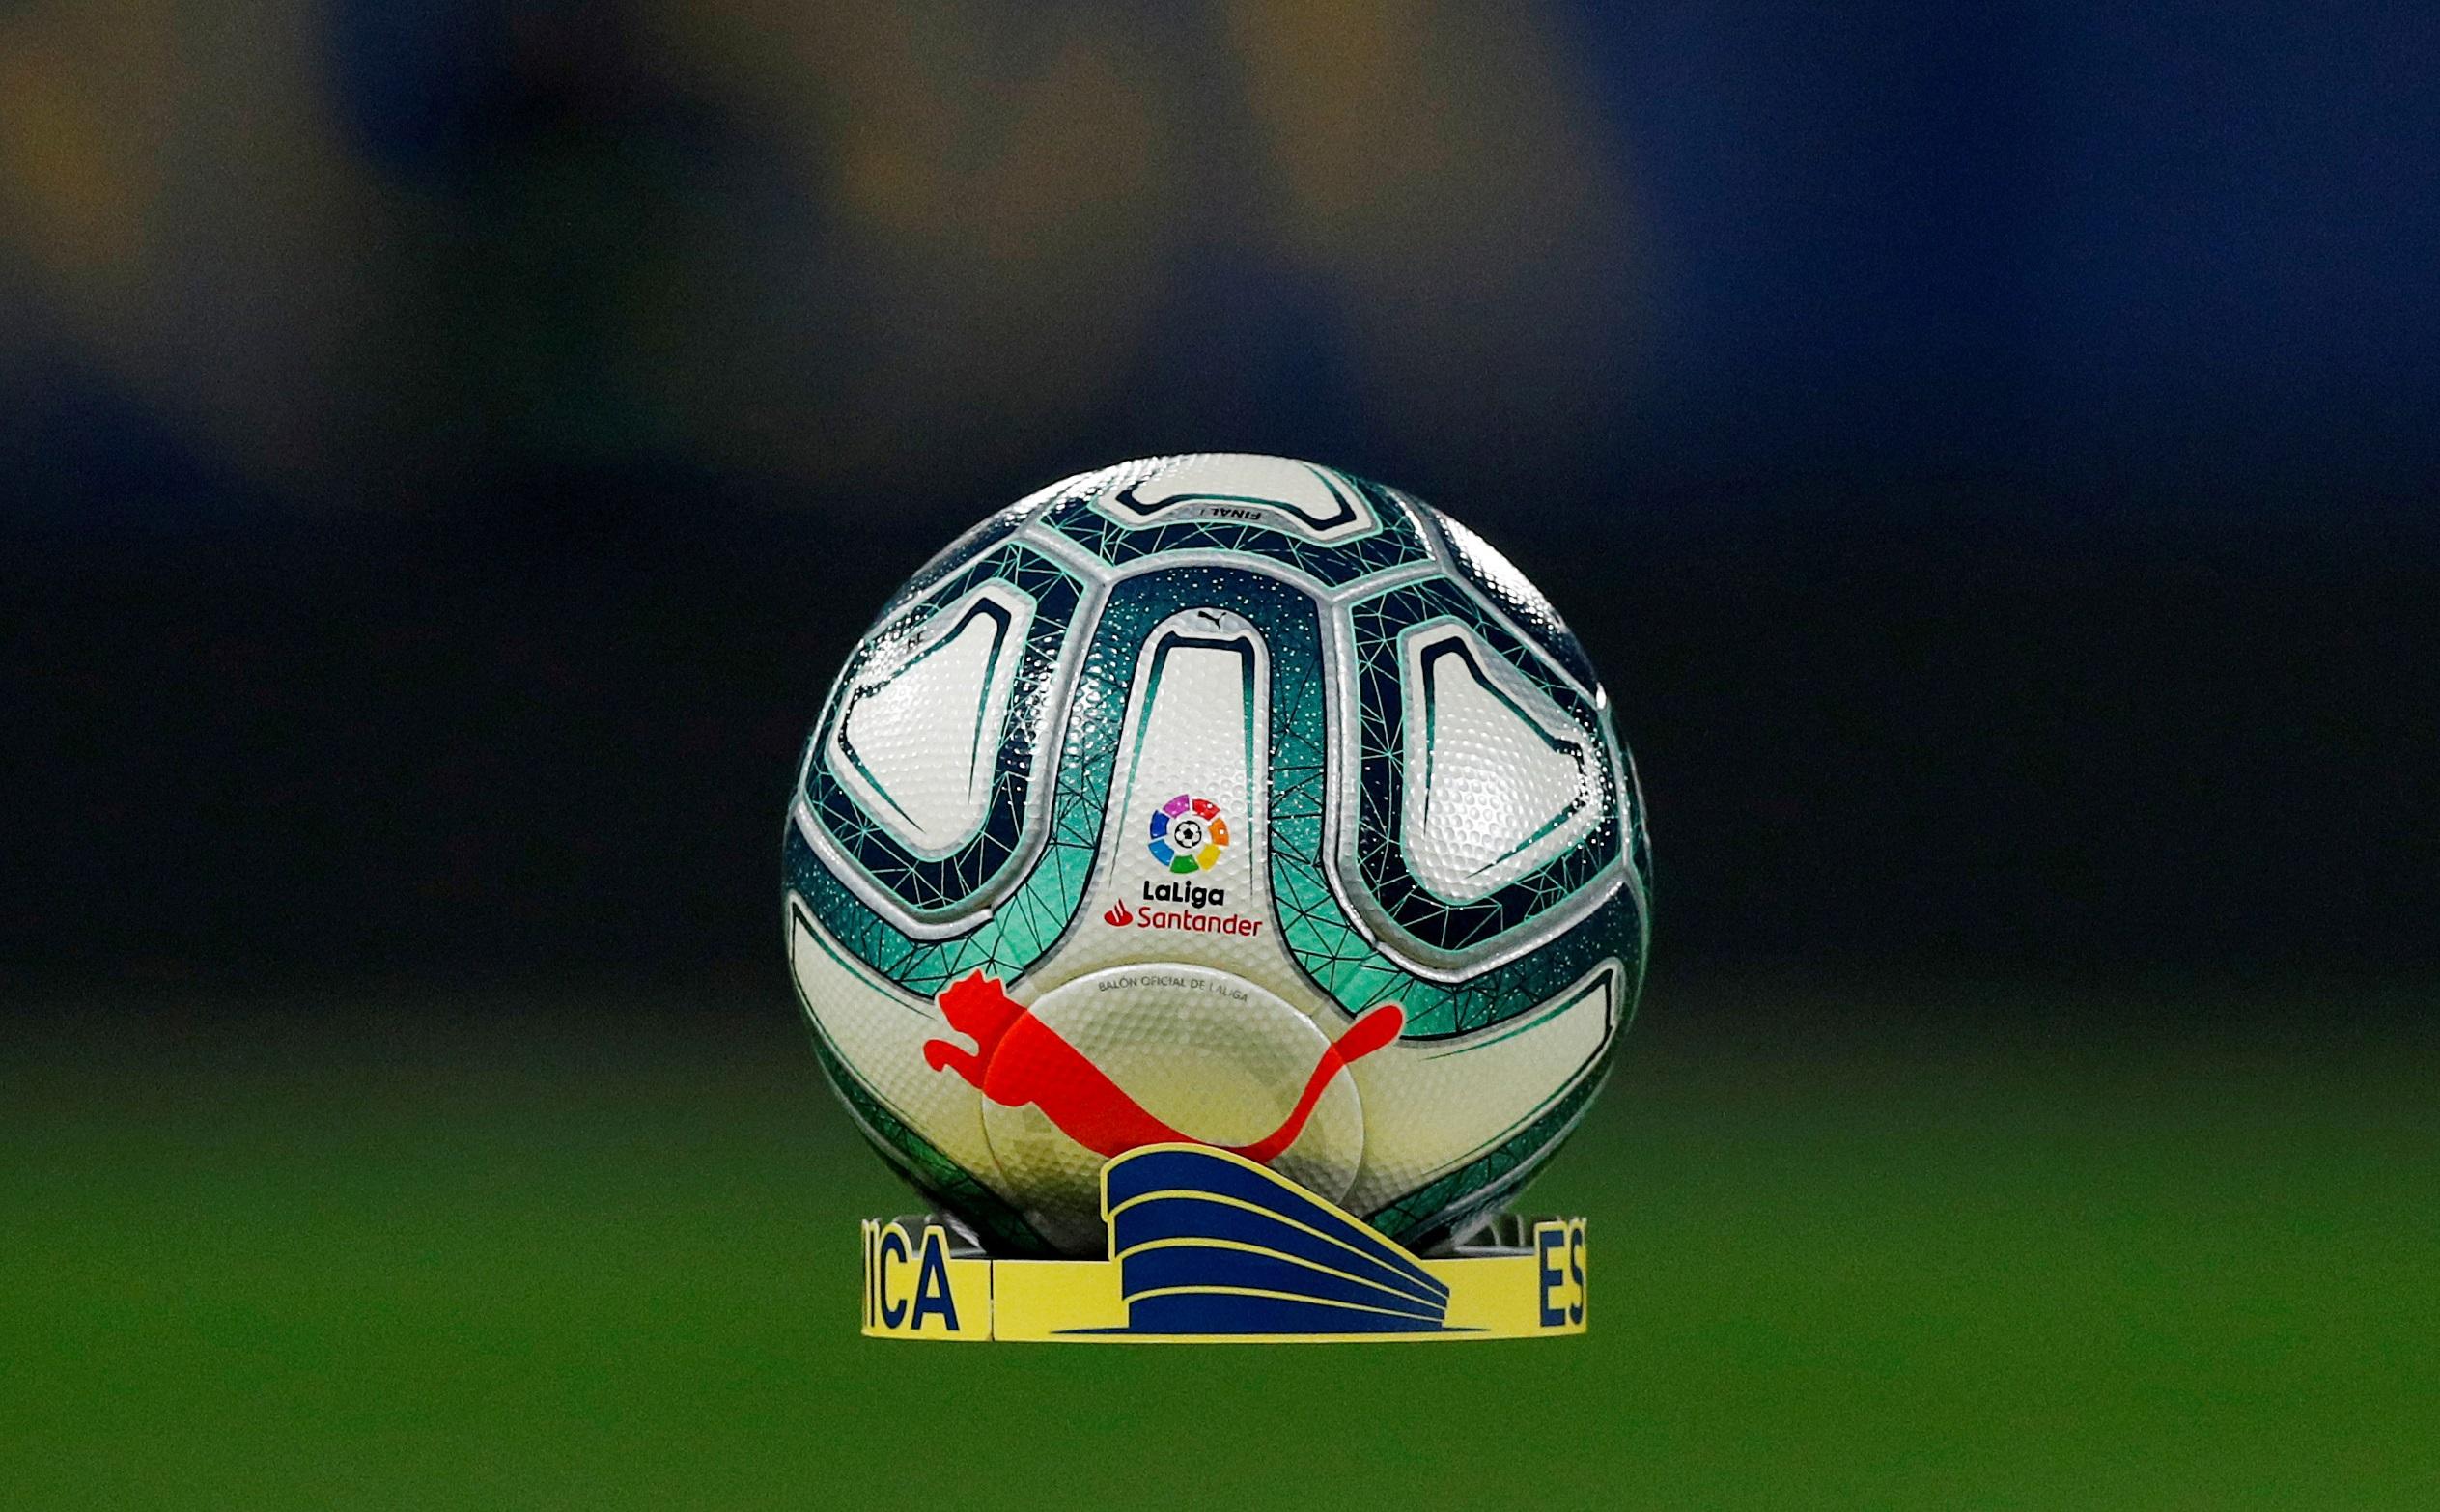 """Στις 12 Ιουνίου και με VAR η επανέναρξη της La Liga αν δώσει το """"οκ"""" η ισπανική κυβέρνηση"""